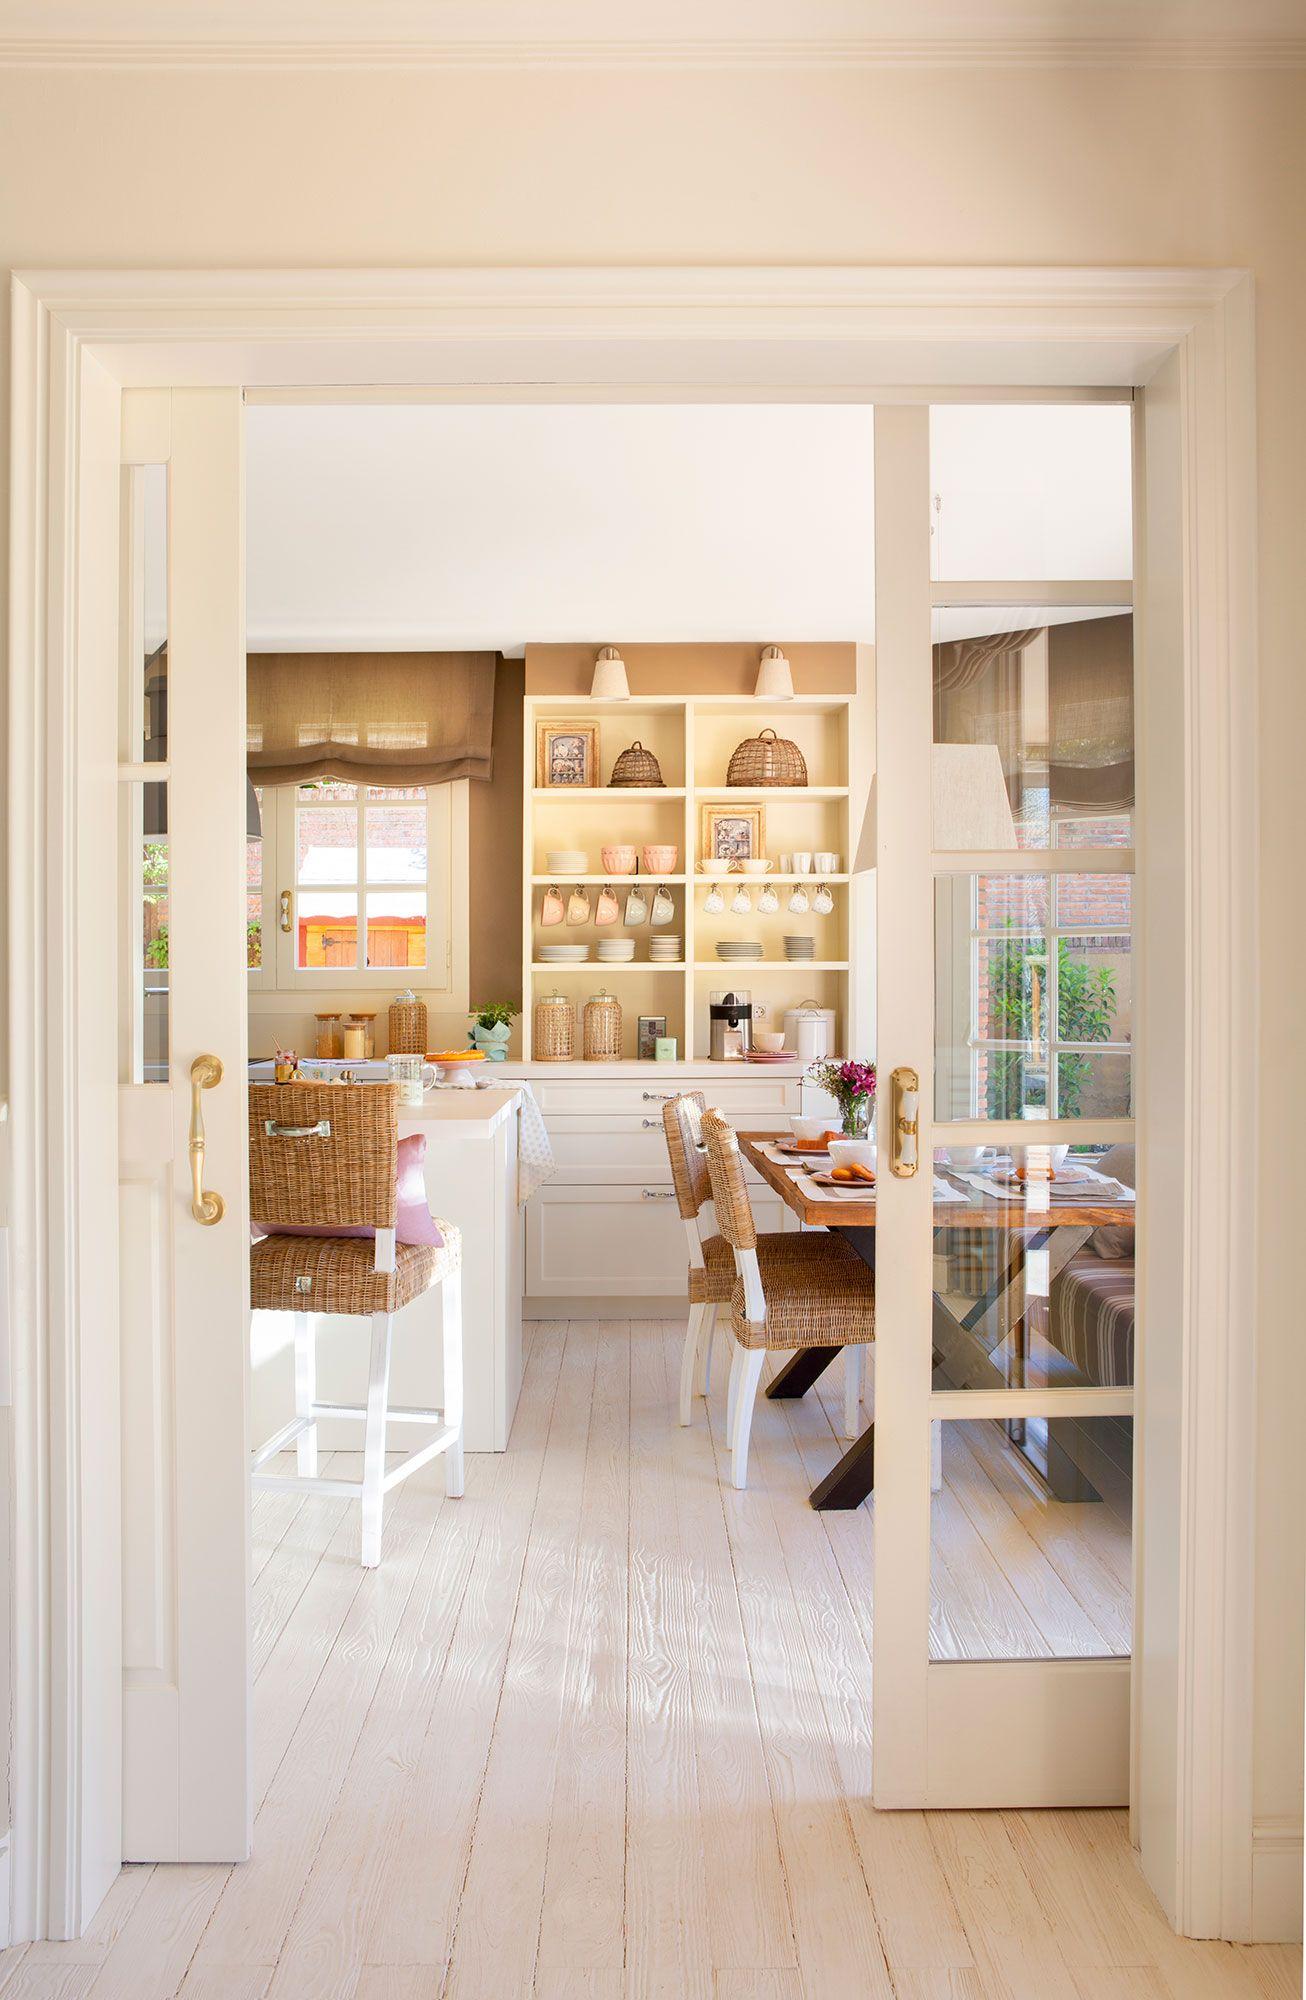 cocina vista desde puerta corredera acristalada y suelo en blanco - Puertas Correderas Cocina